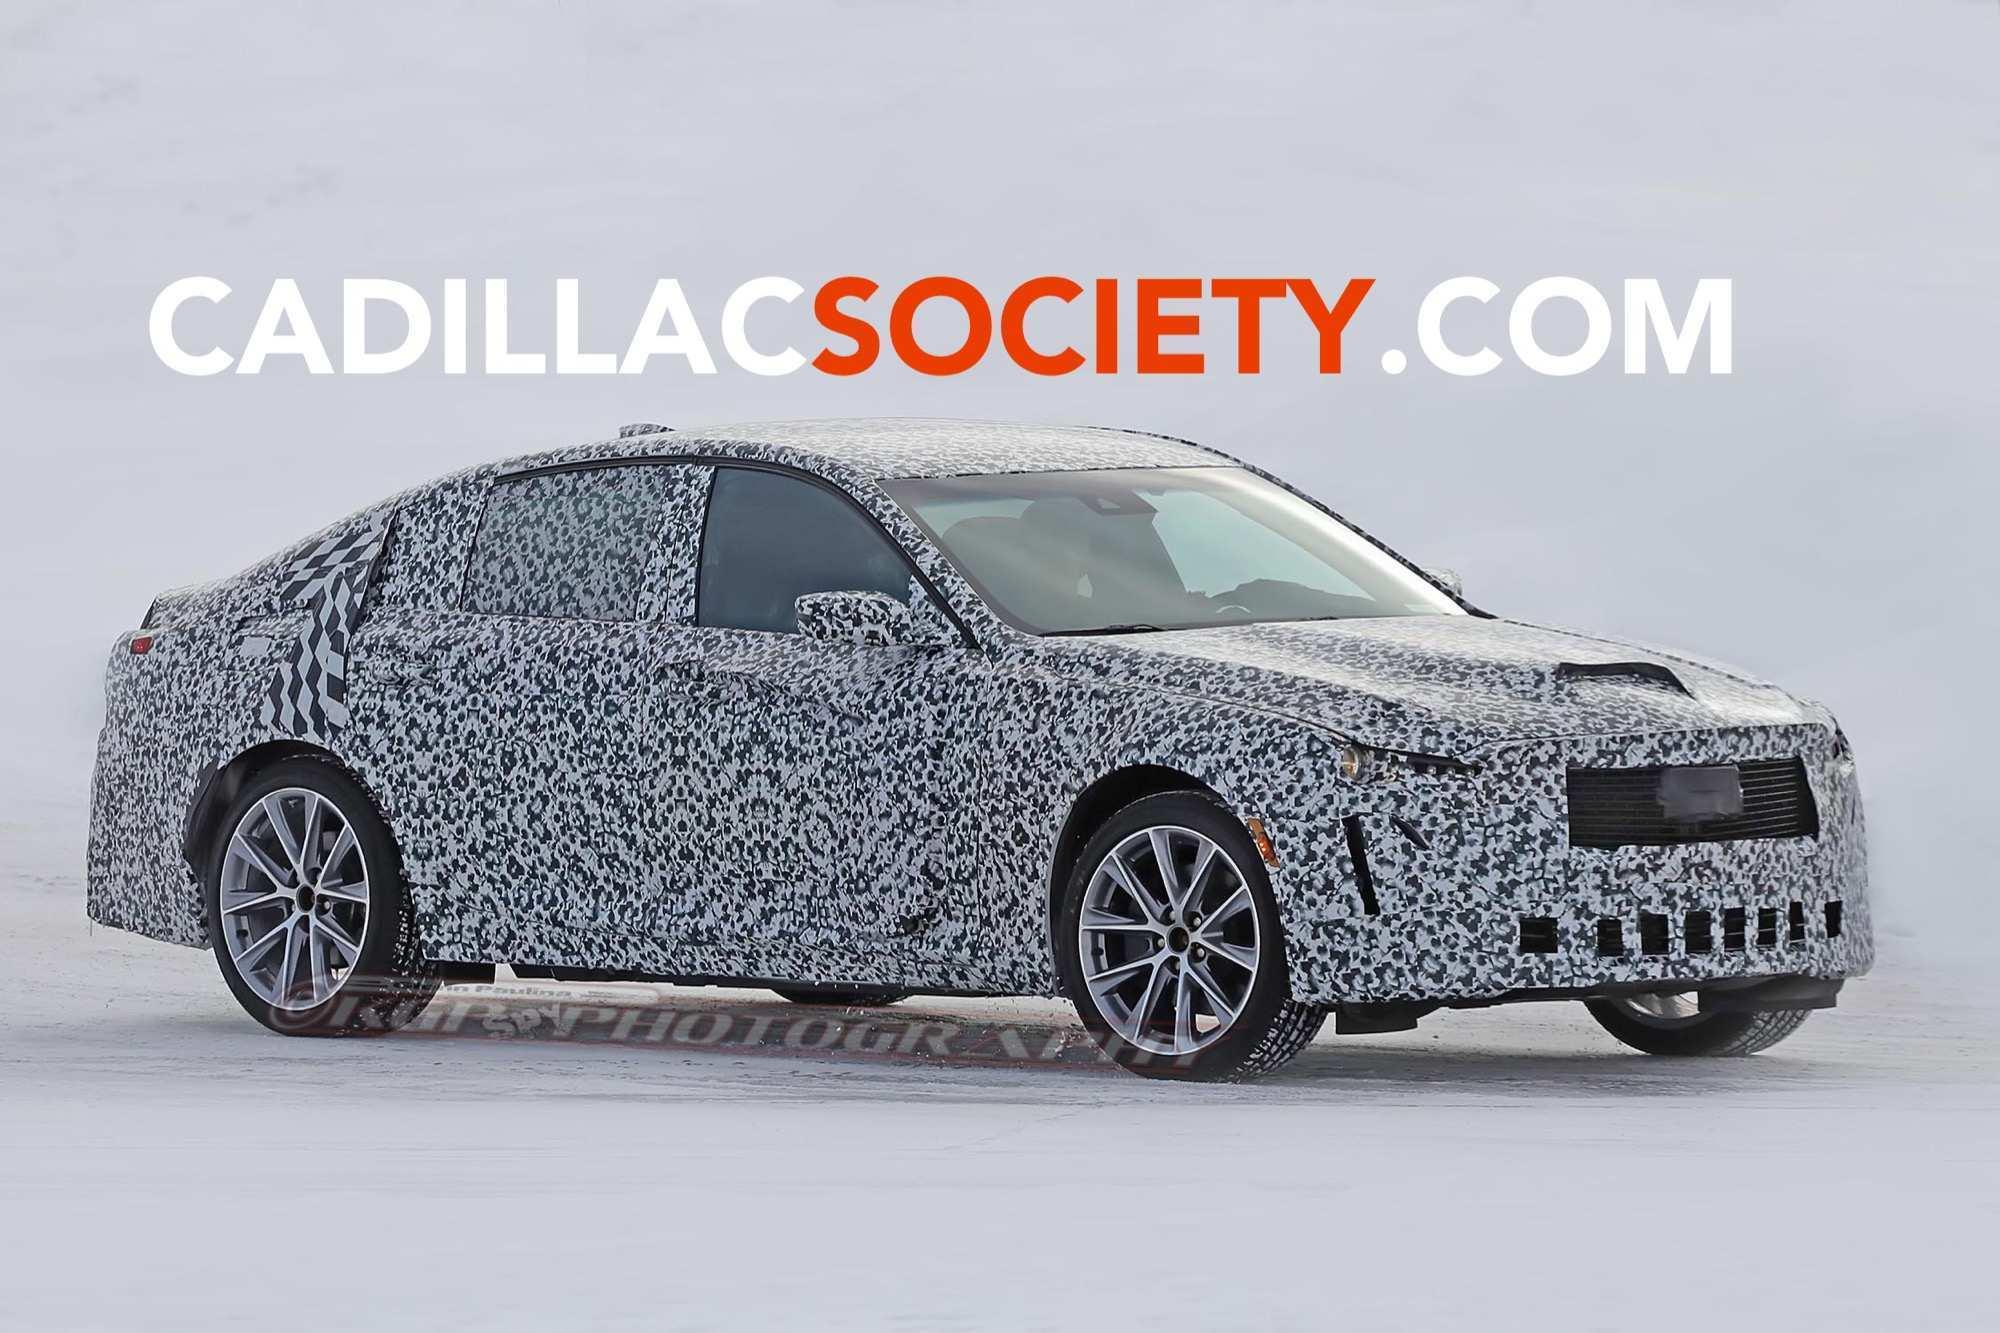 20 Gallery of 2020 Cadillac Xlr New Concept with 2020 Cadillac Xlr